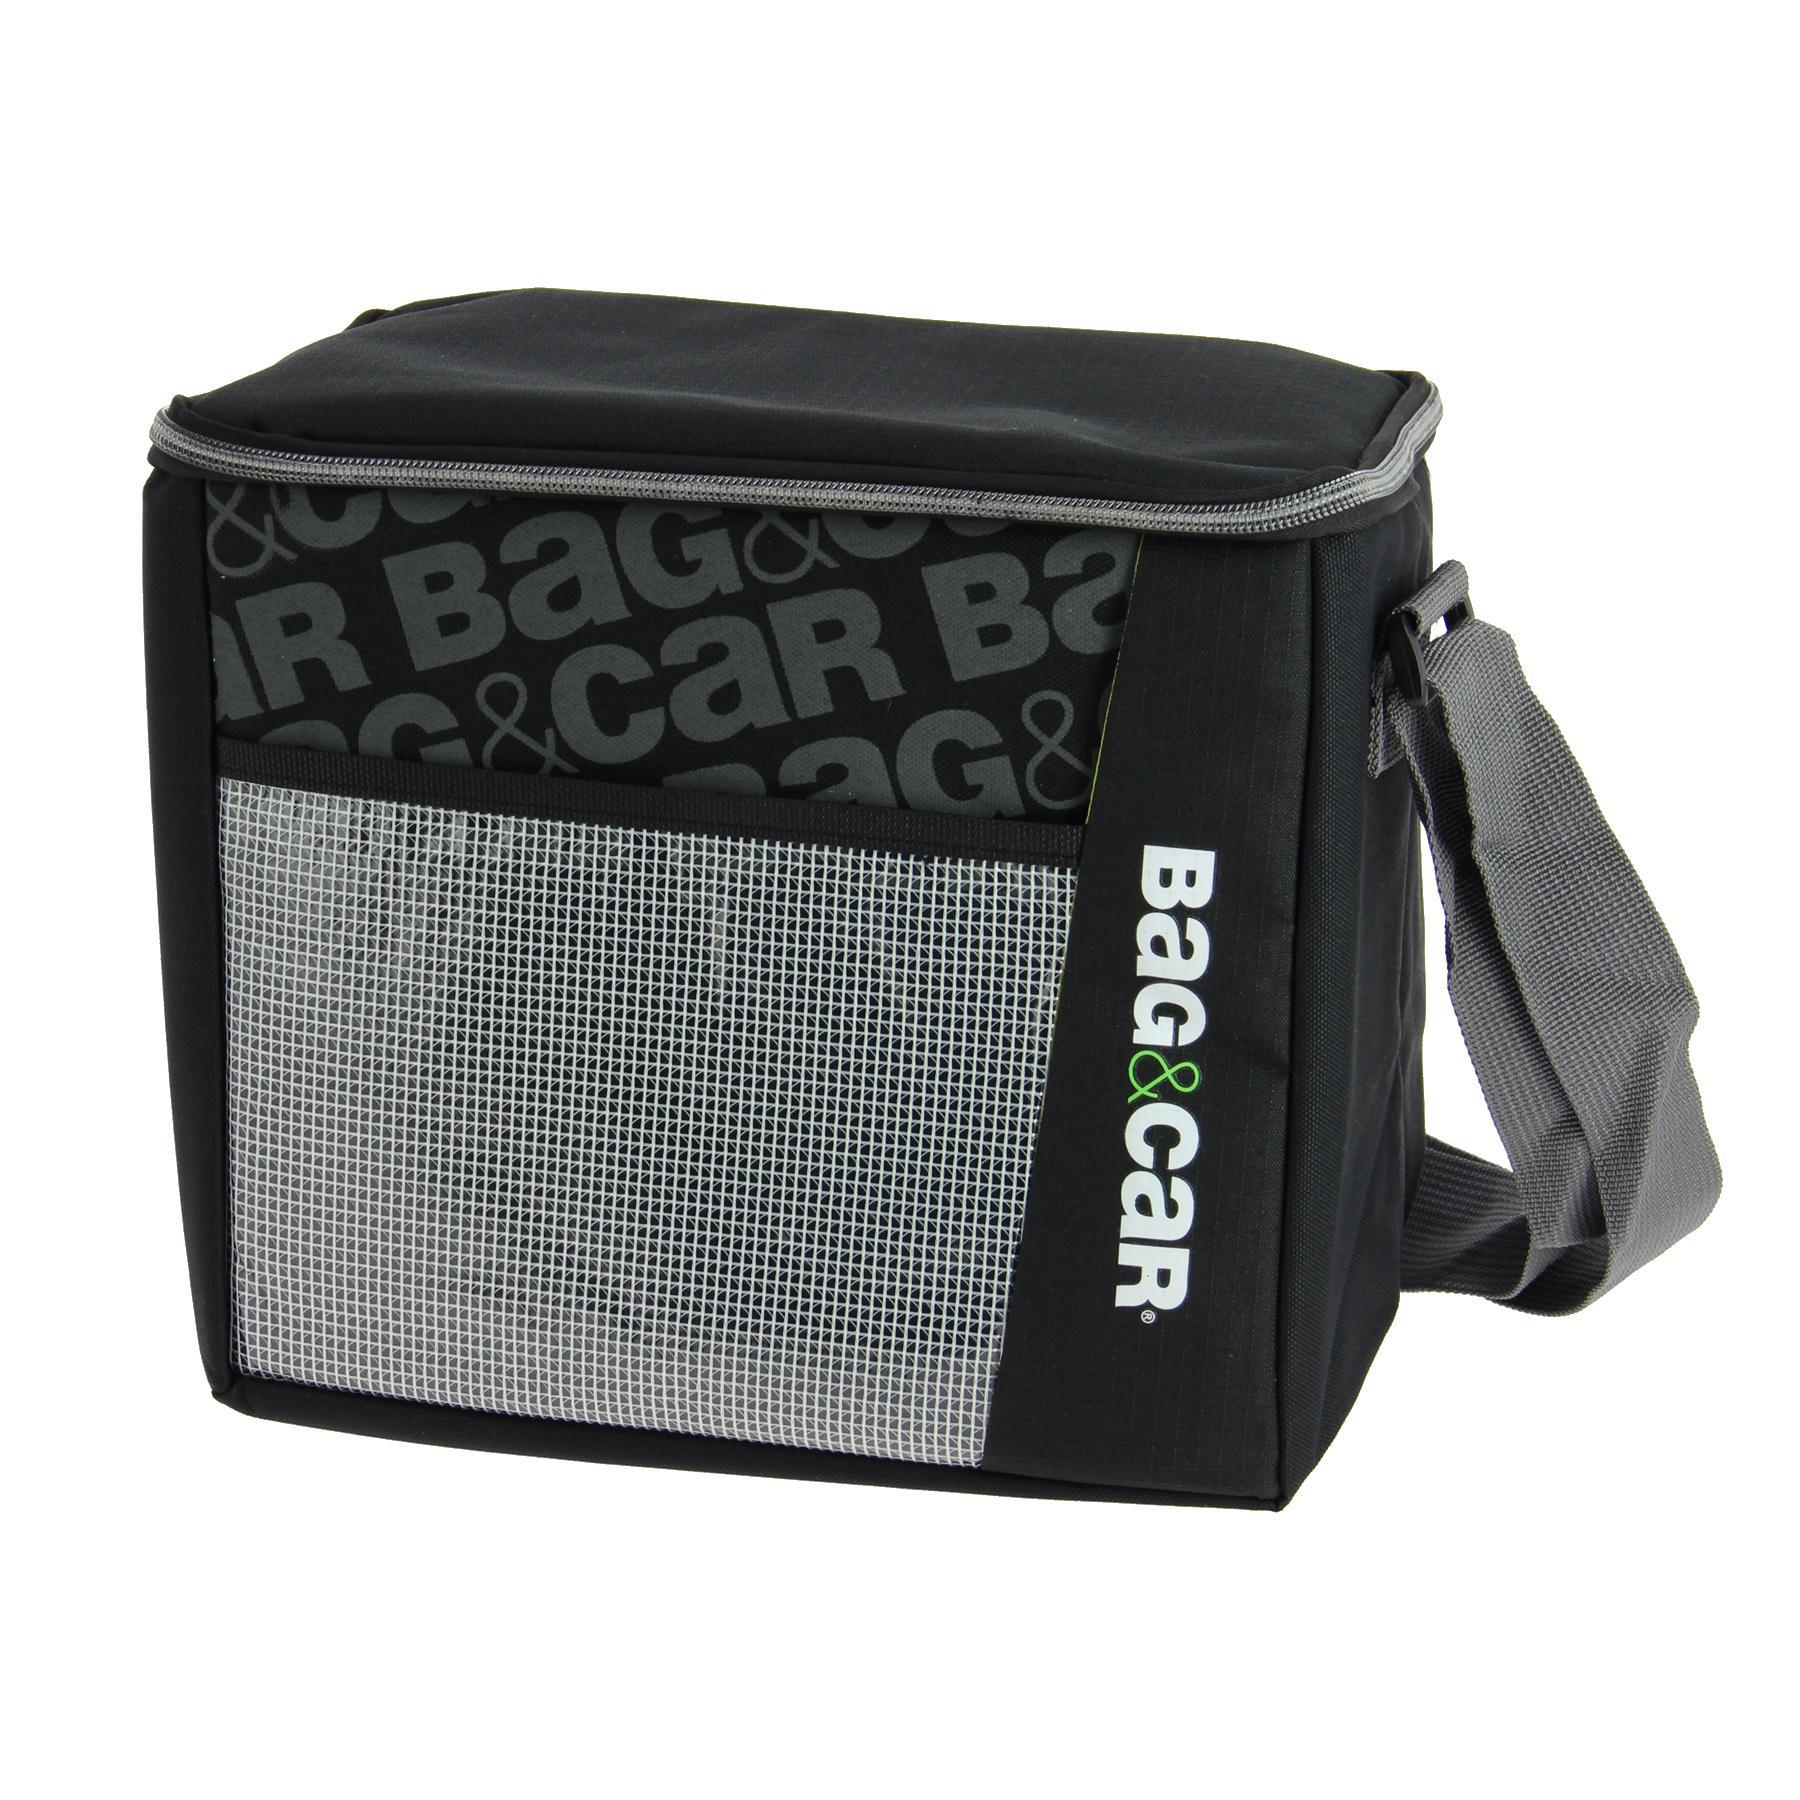 Sac réfrigérateur 168002 BAG&CAR 168002 originales de qualité